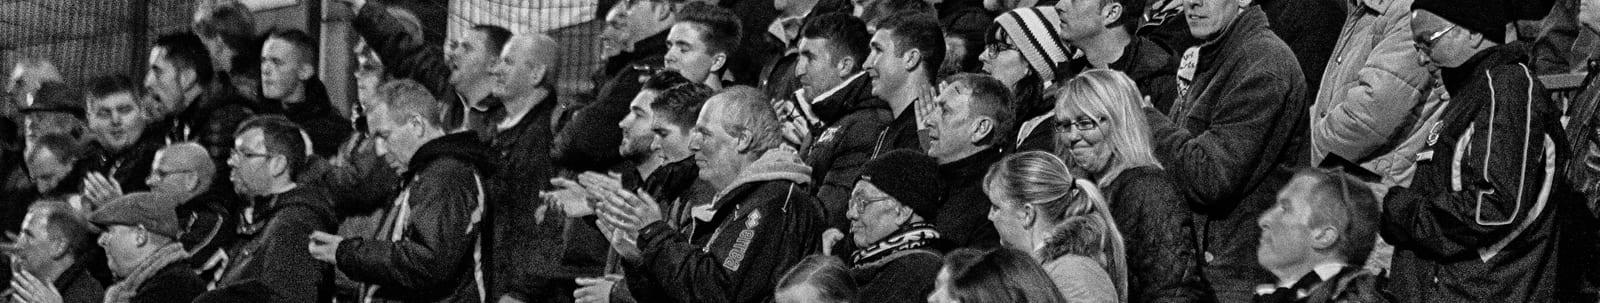 Dartford FC fans